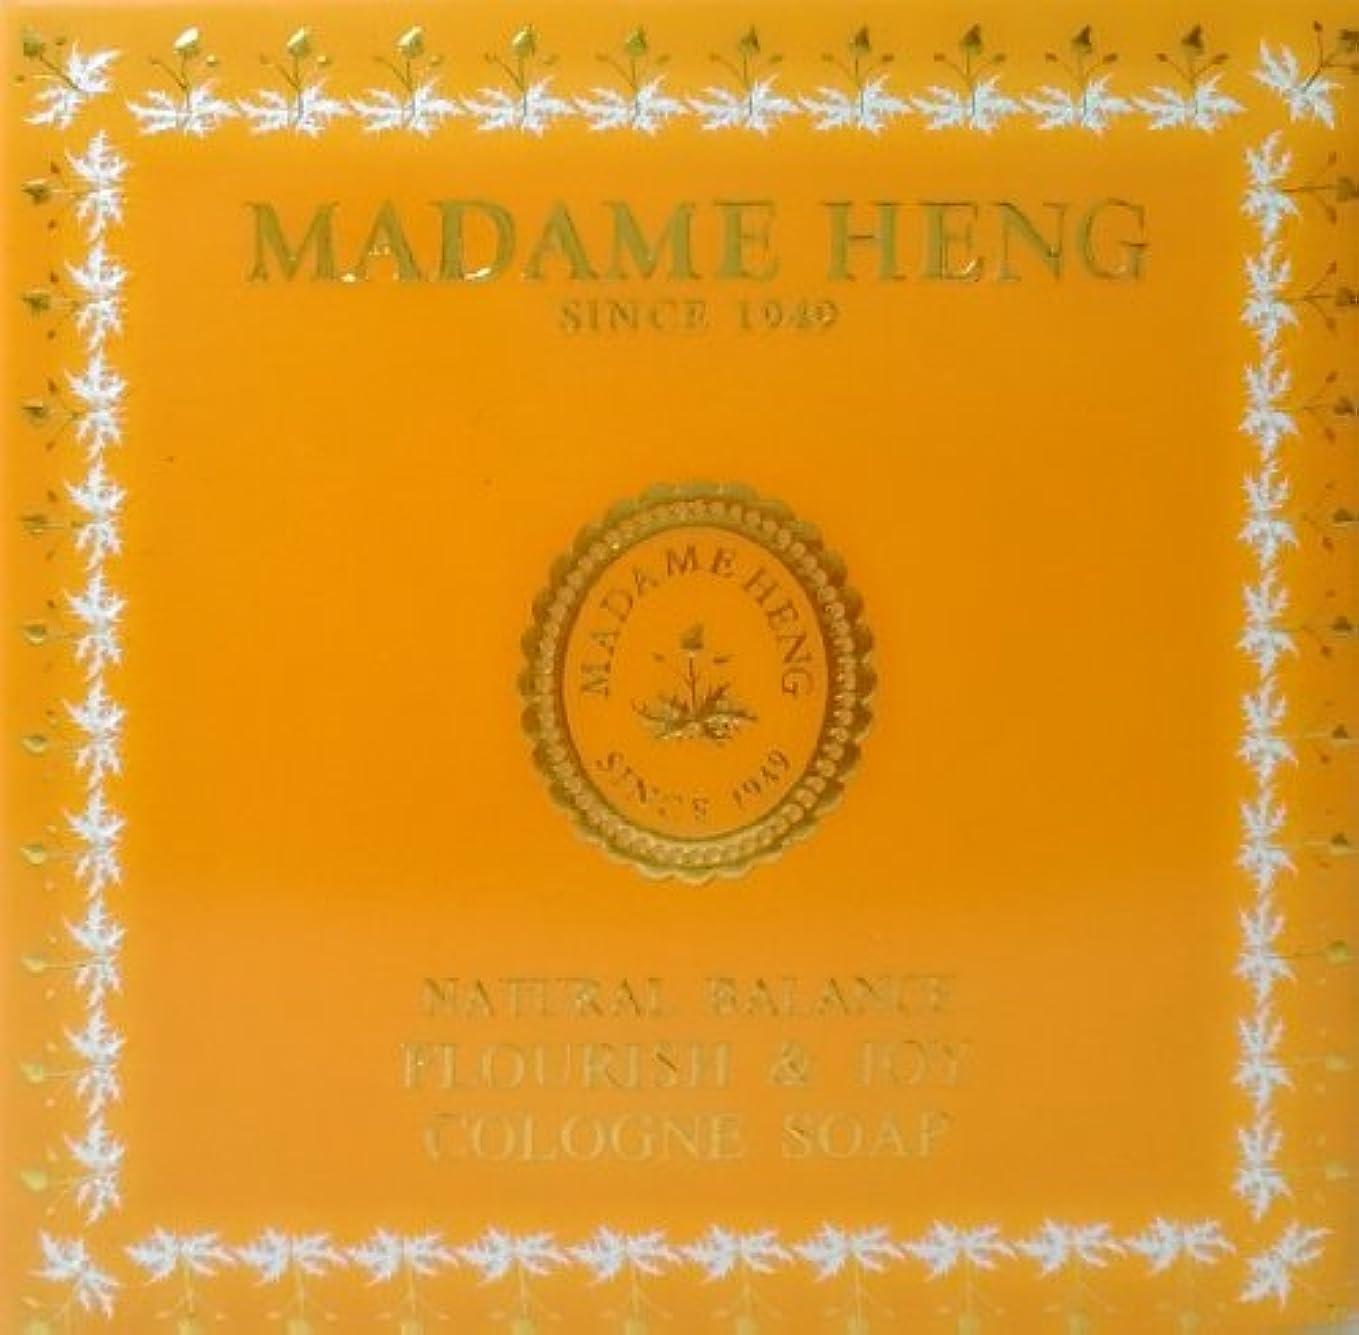 ジュニアガイド放置MADAME HENG NATURAL BALANCE FLOURISH & JOY COLOGNE SOAP